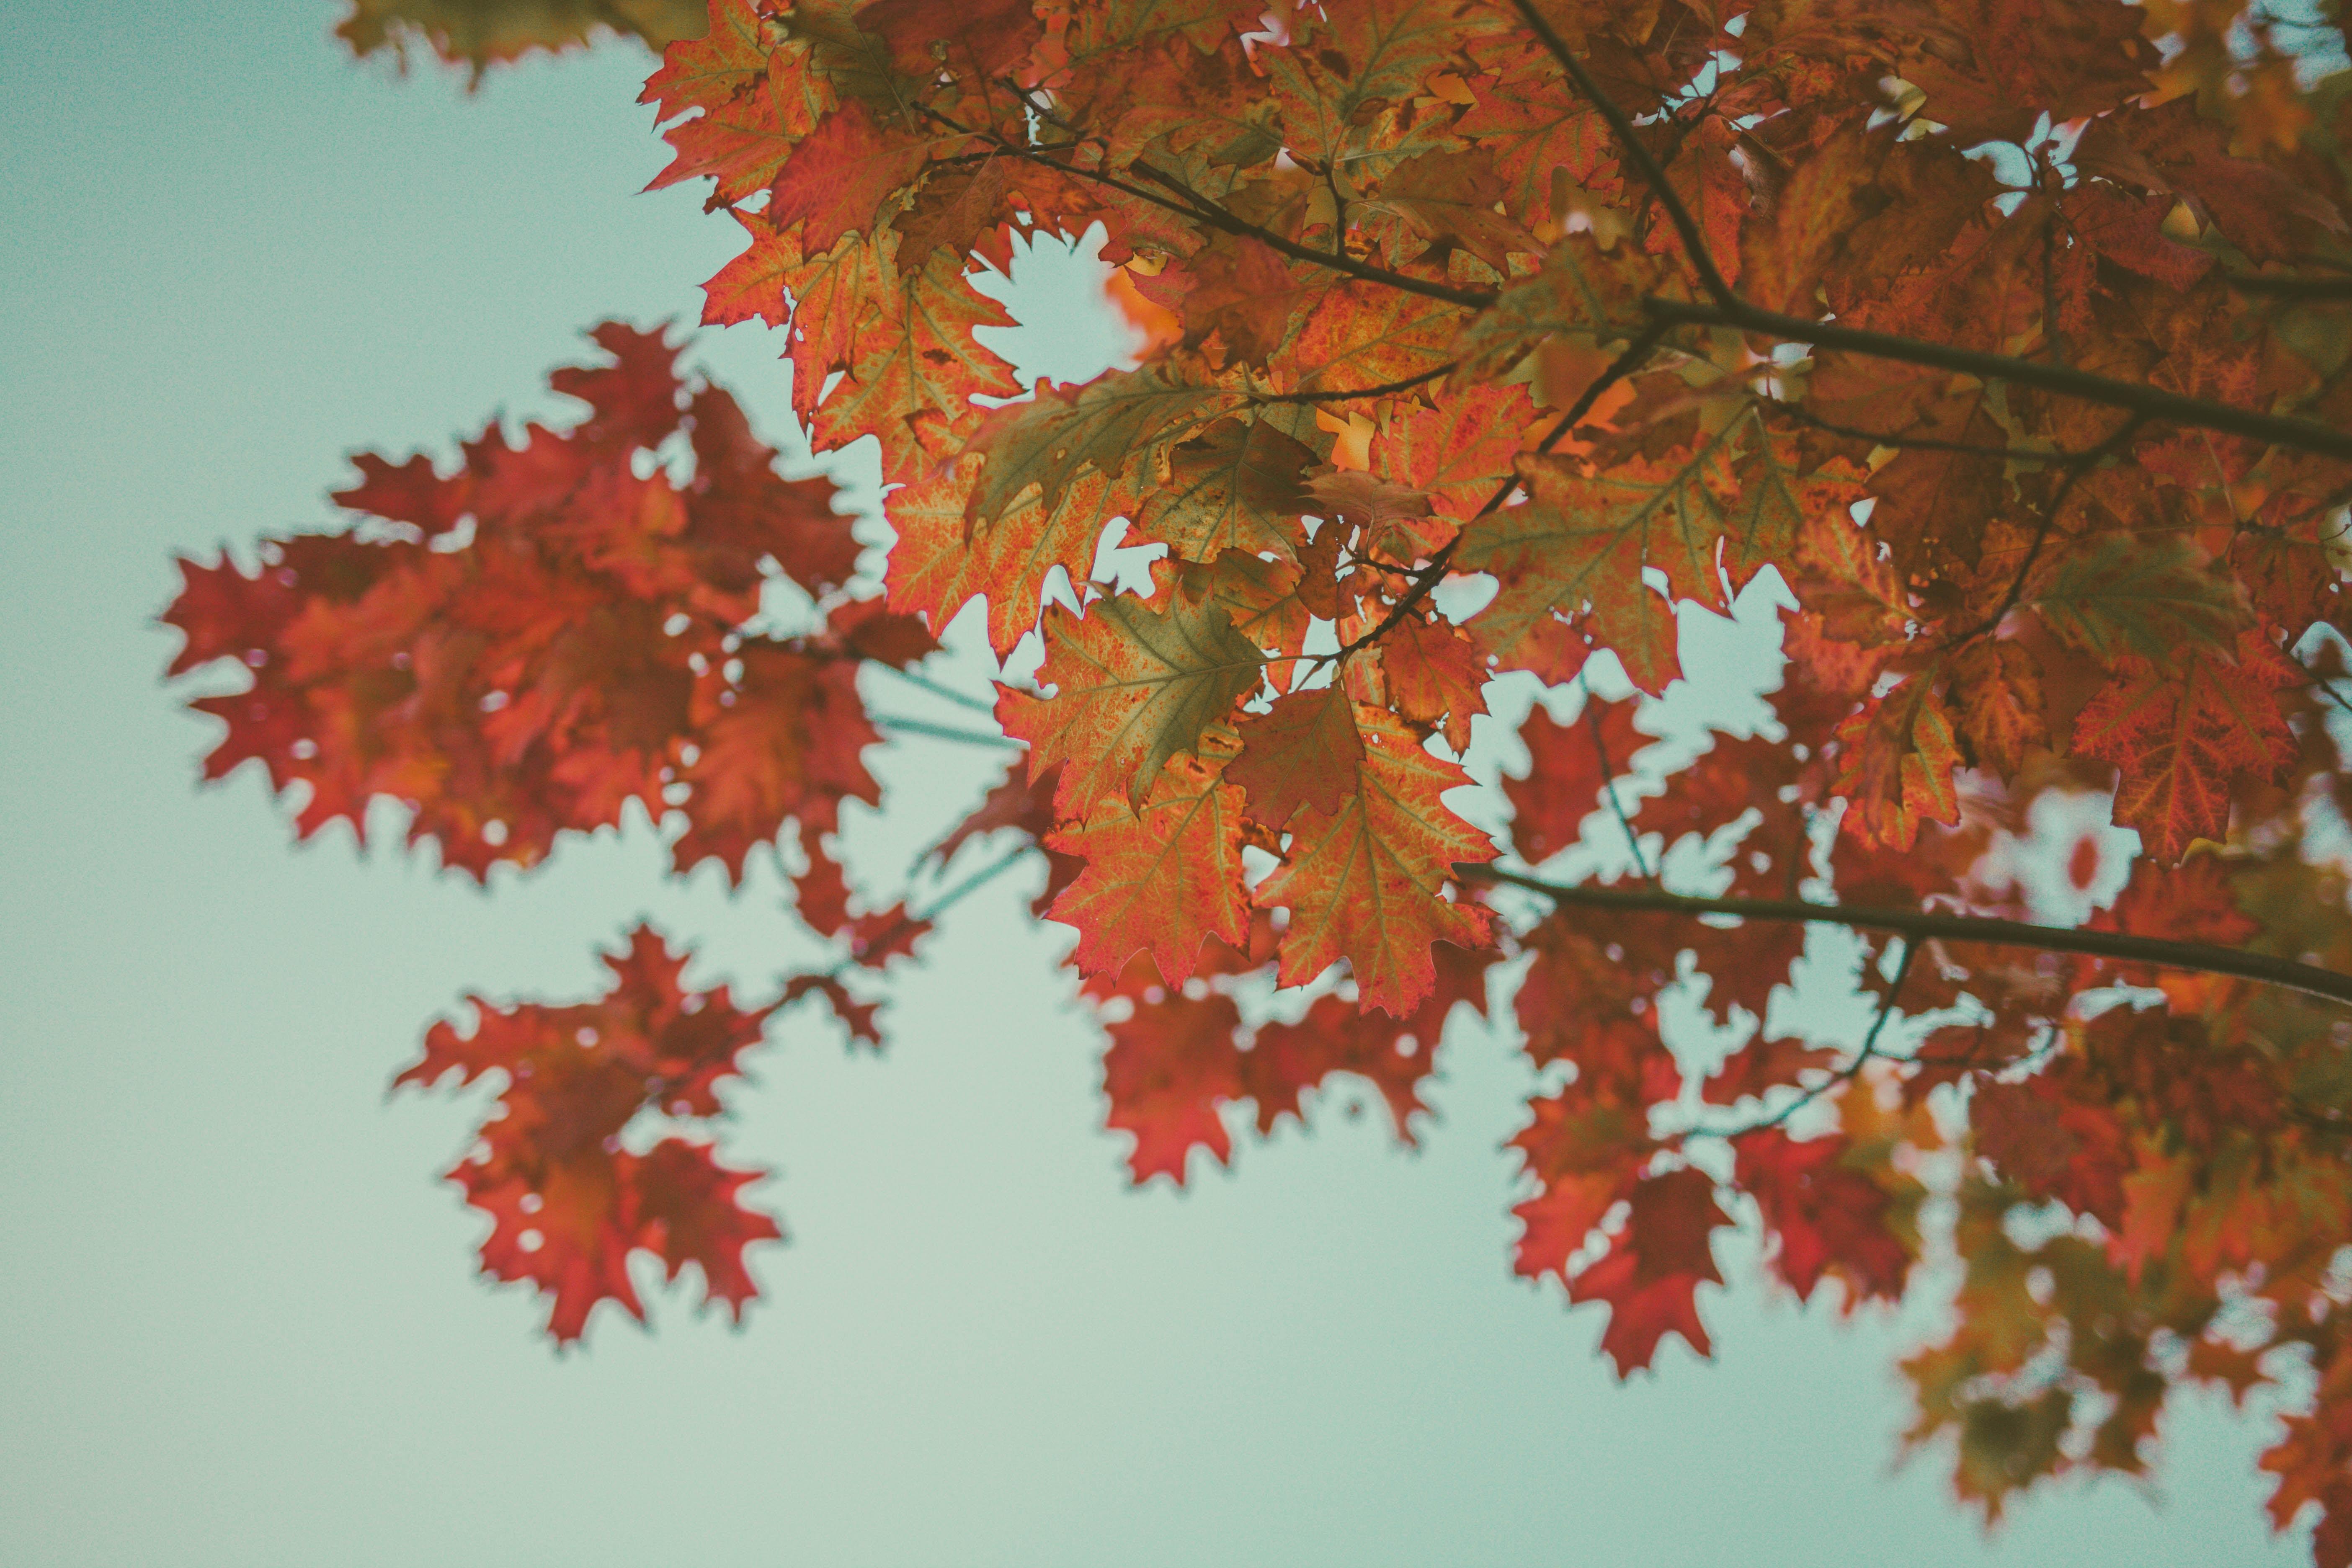 113827 скачать обои Природа, Клен, Листья, Осень, Красный, Ветки - заставки и картинки бесплатно